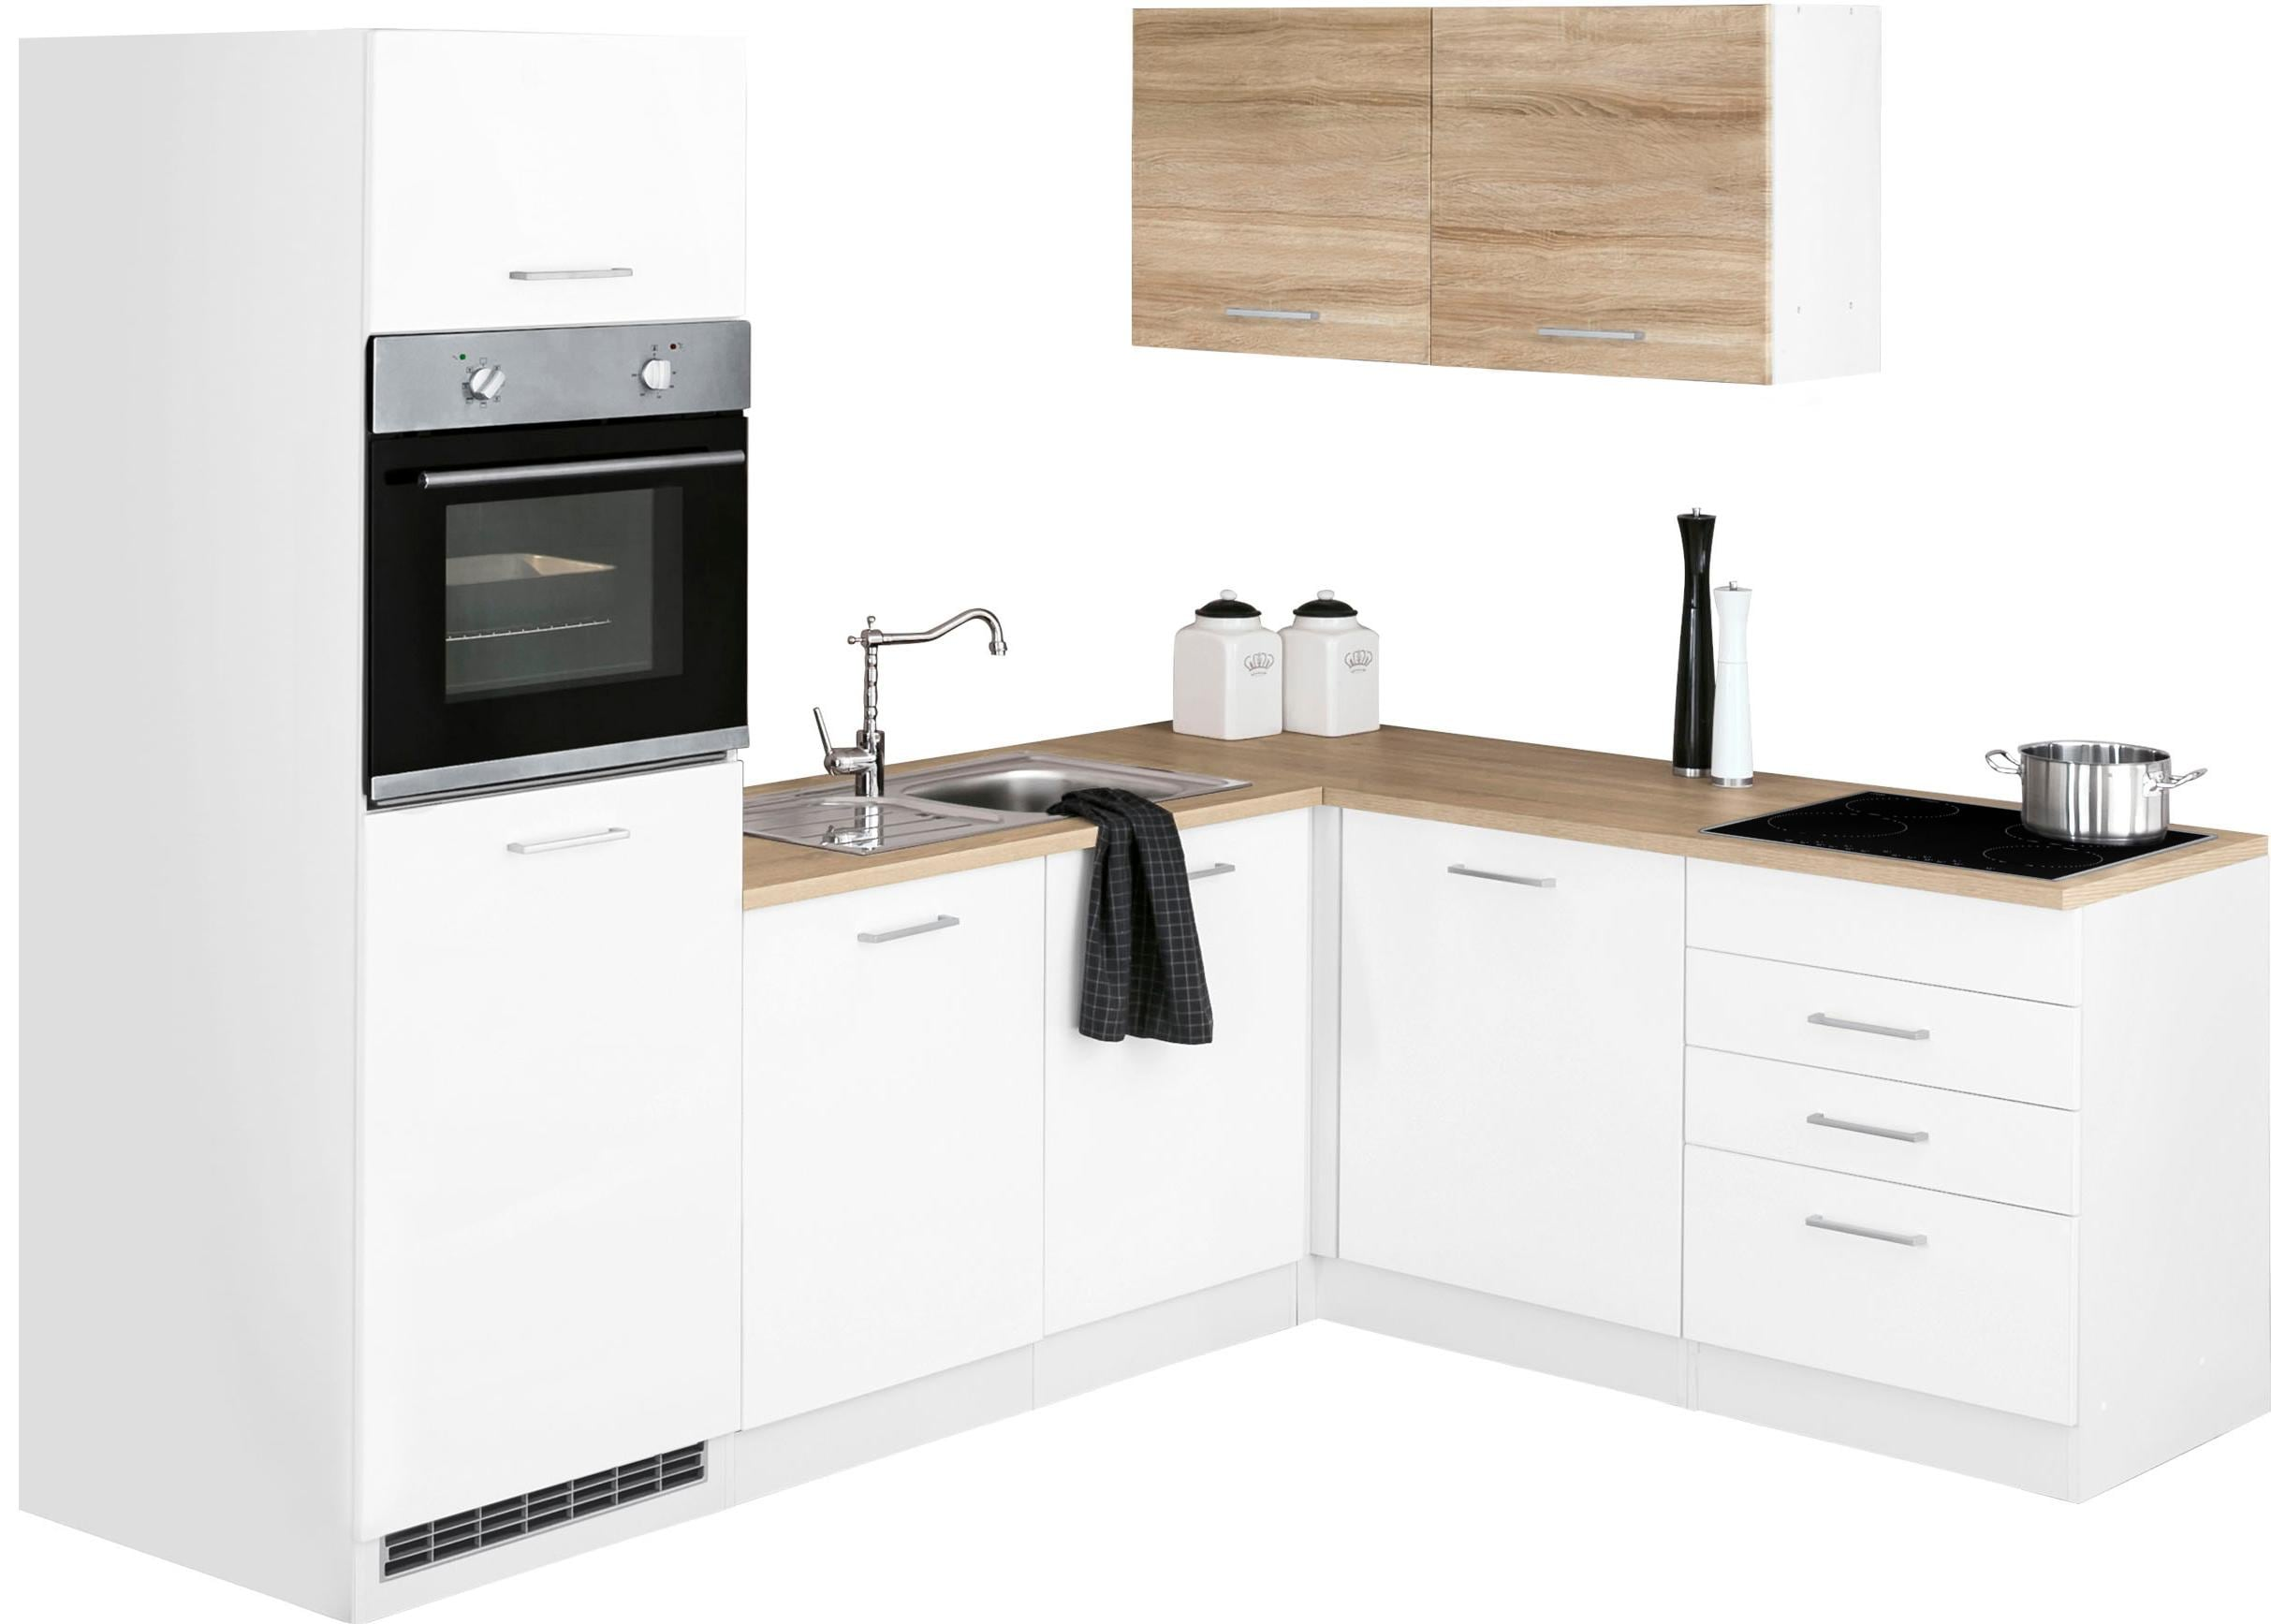 HELD MÖBEL Winkelküche »Visby«   Küche und Esszimmer > Küchen > Winkelküchen   Weiß   HELD MÖBEL